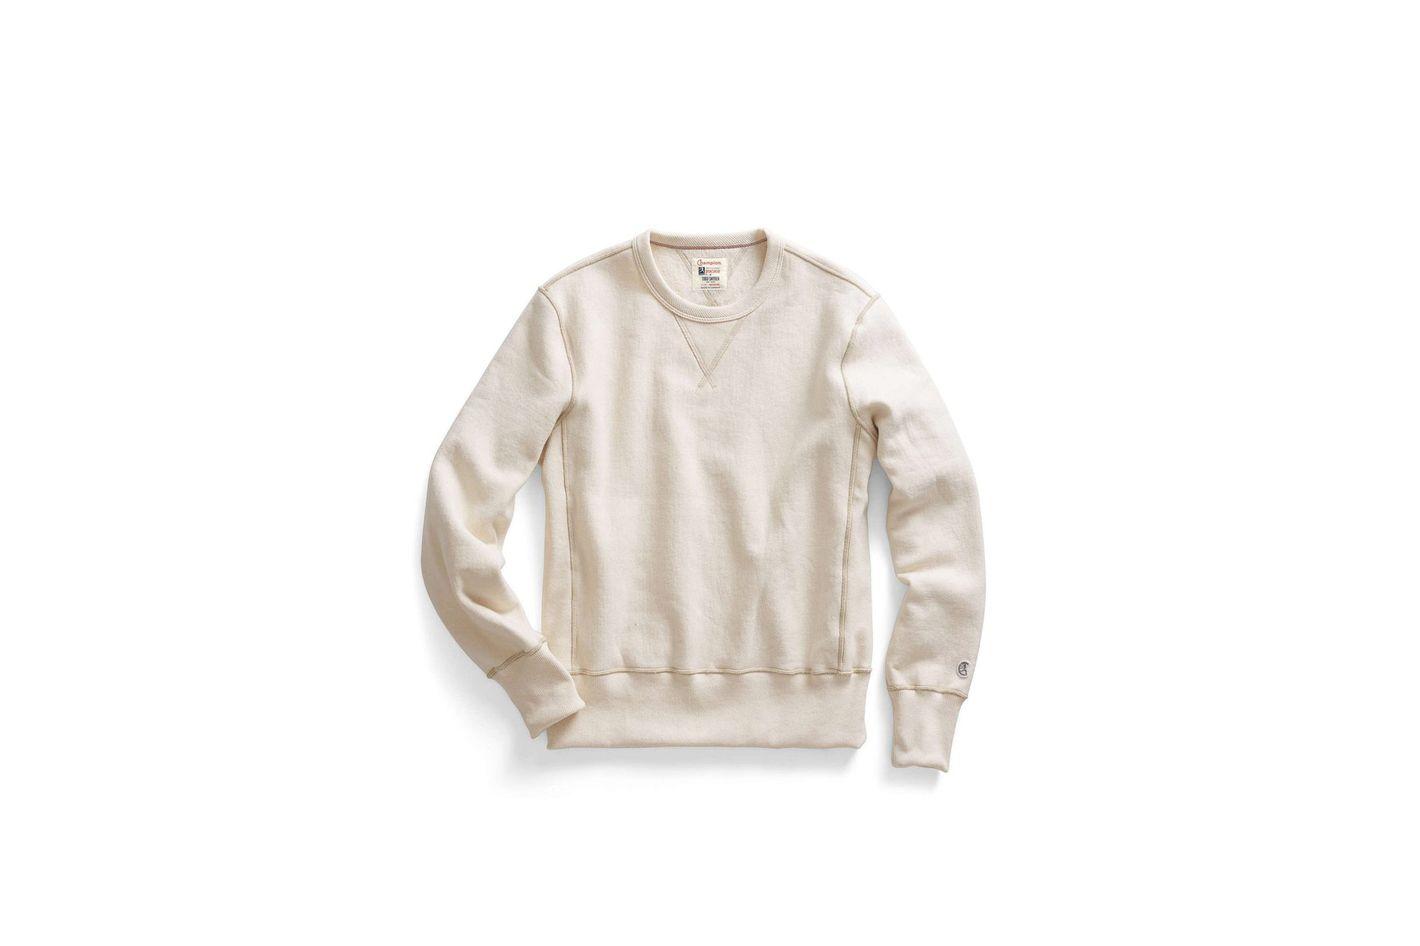 Todd Snyder + Champion Reverse Weave Sweatshirt